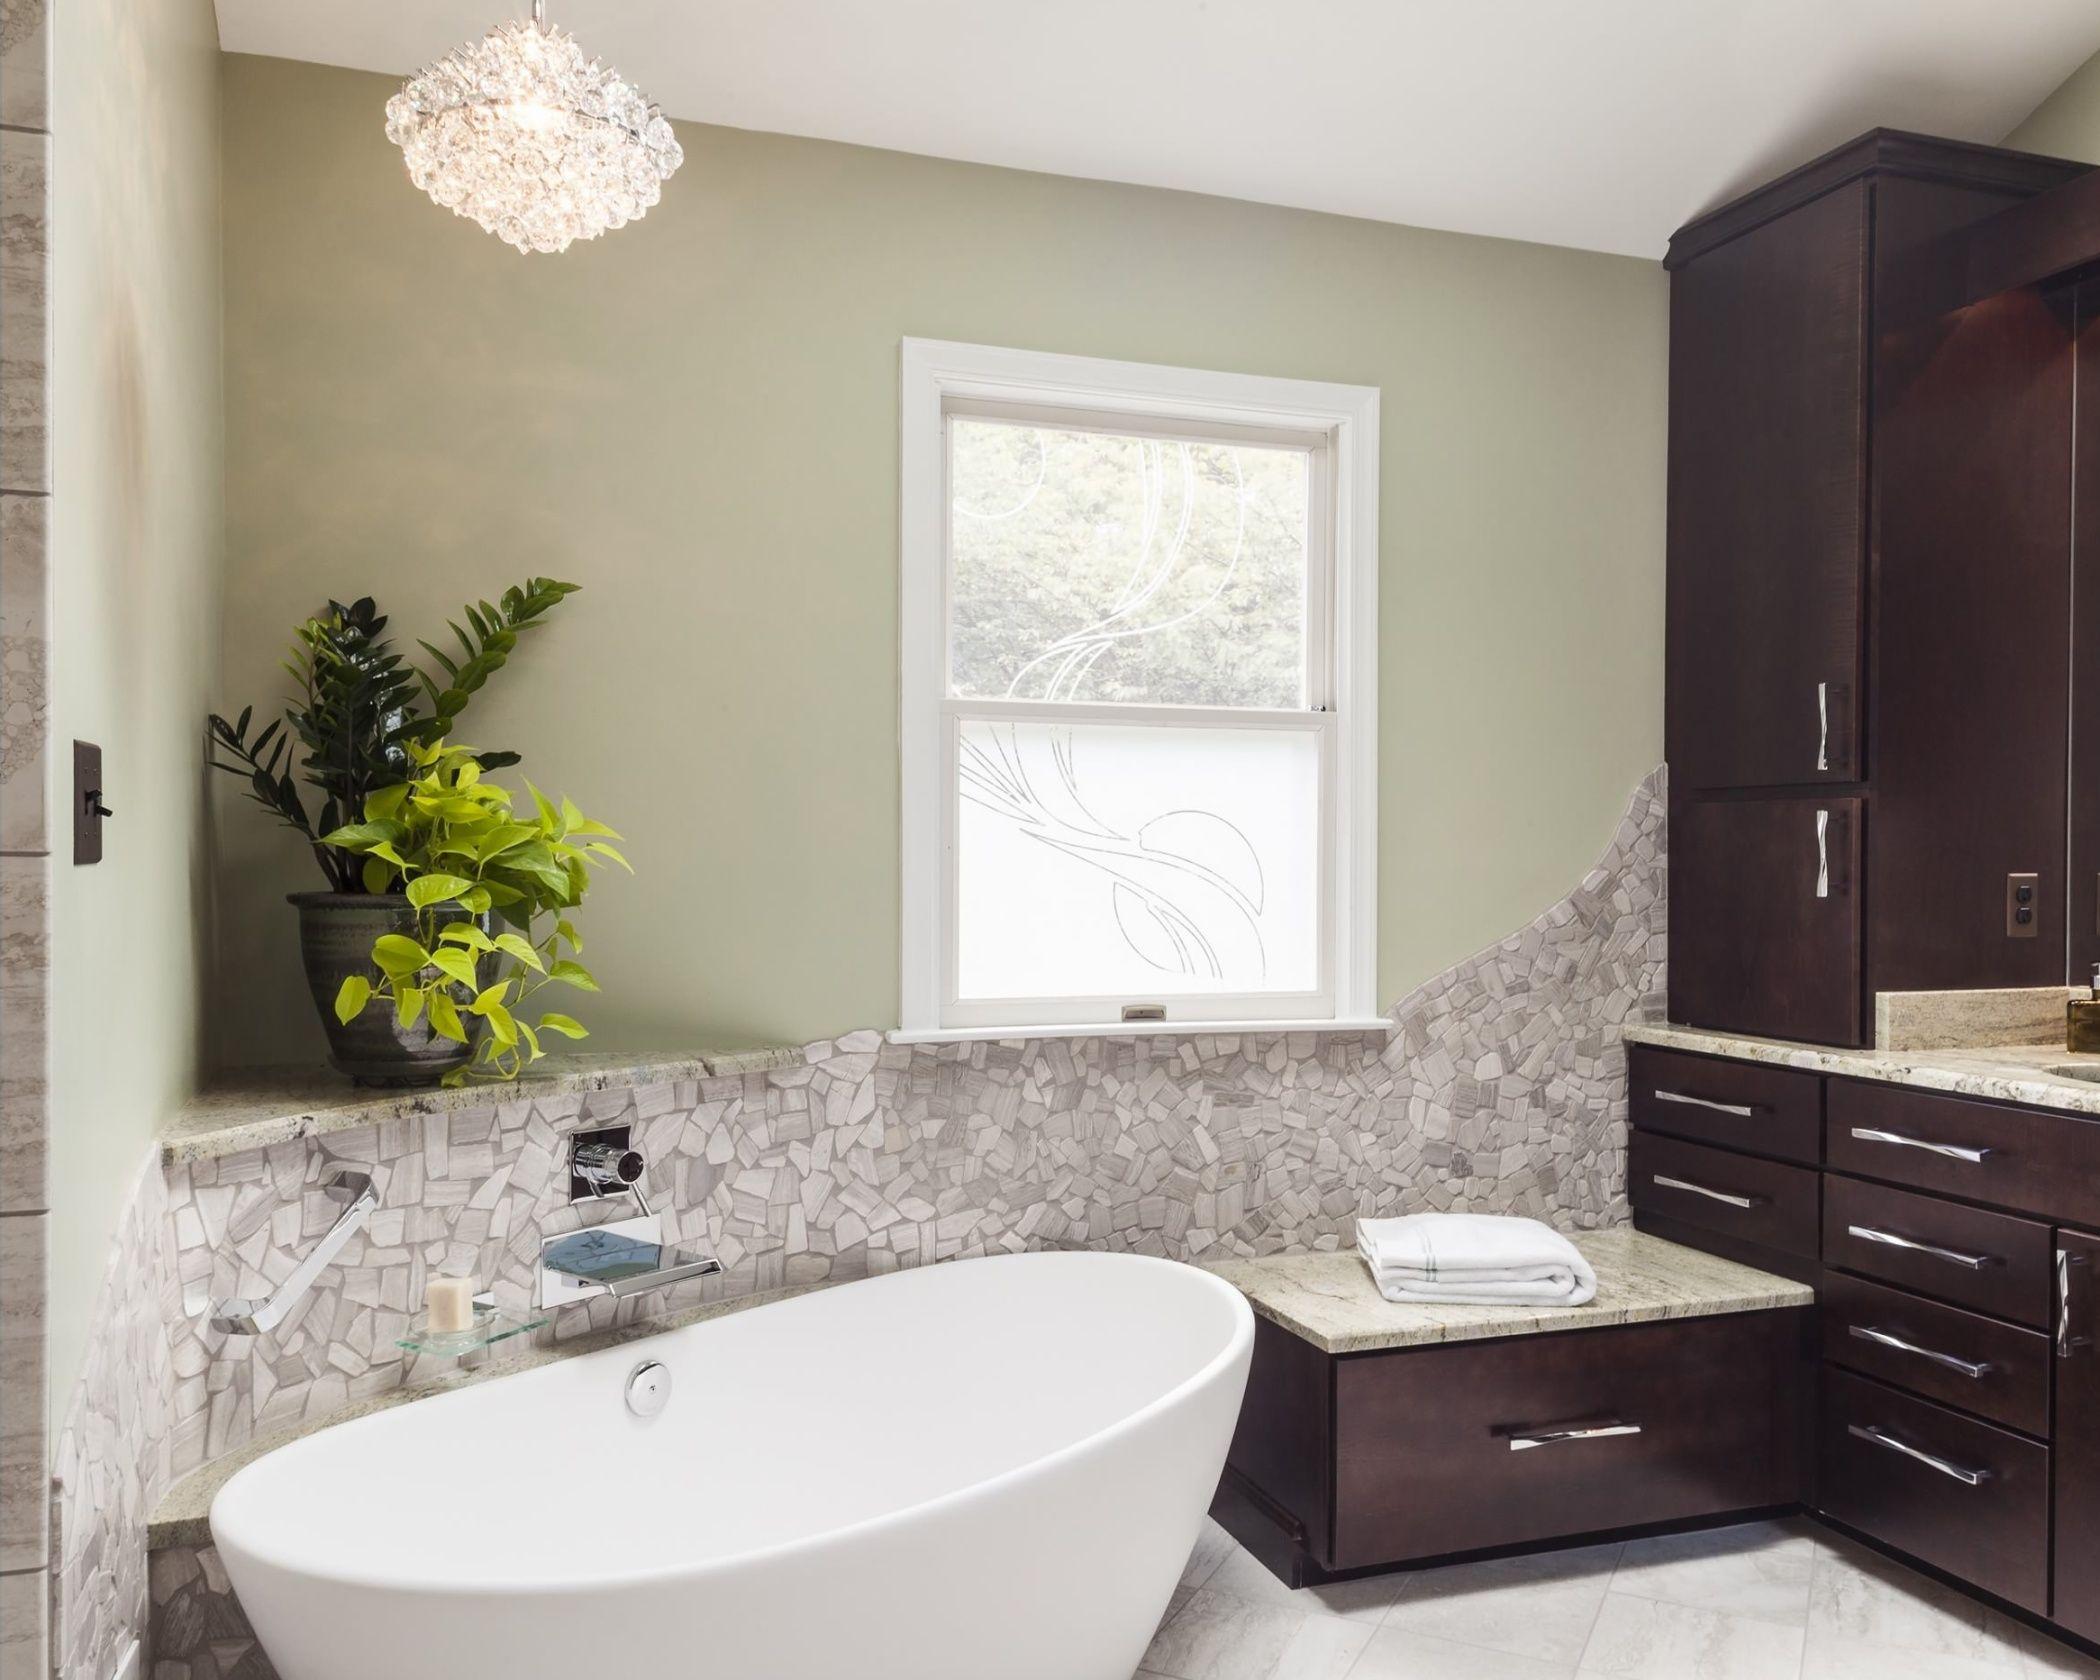 Award Of Excellence Bathroom Remodel 70 000 150 000 T W Ellis Llc O Haver Bathroom Ellicott Cit Bathroom Decor Apartment Bath Remodel Master Bath Remodel [ jpg ]